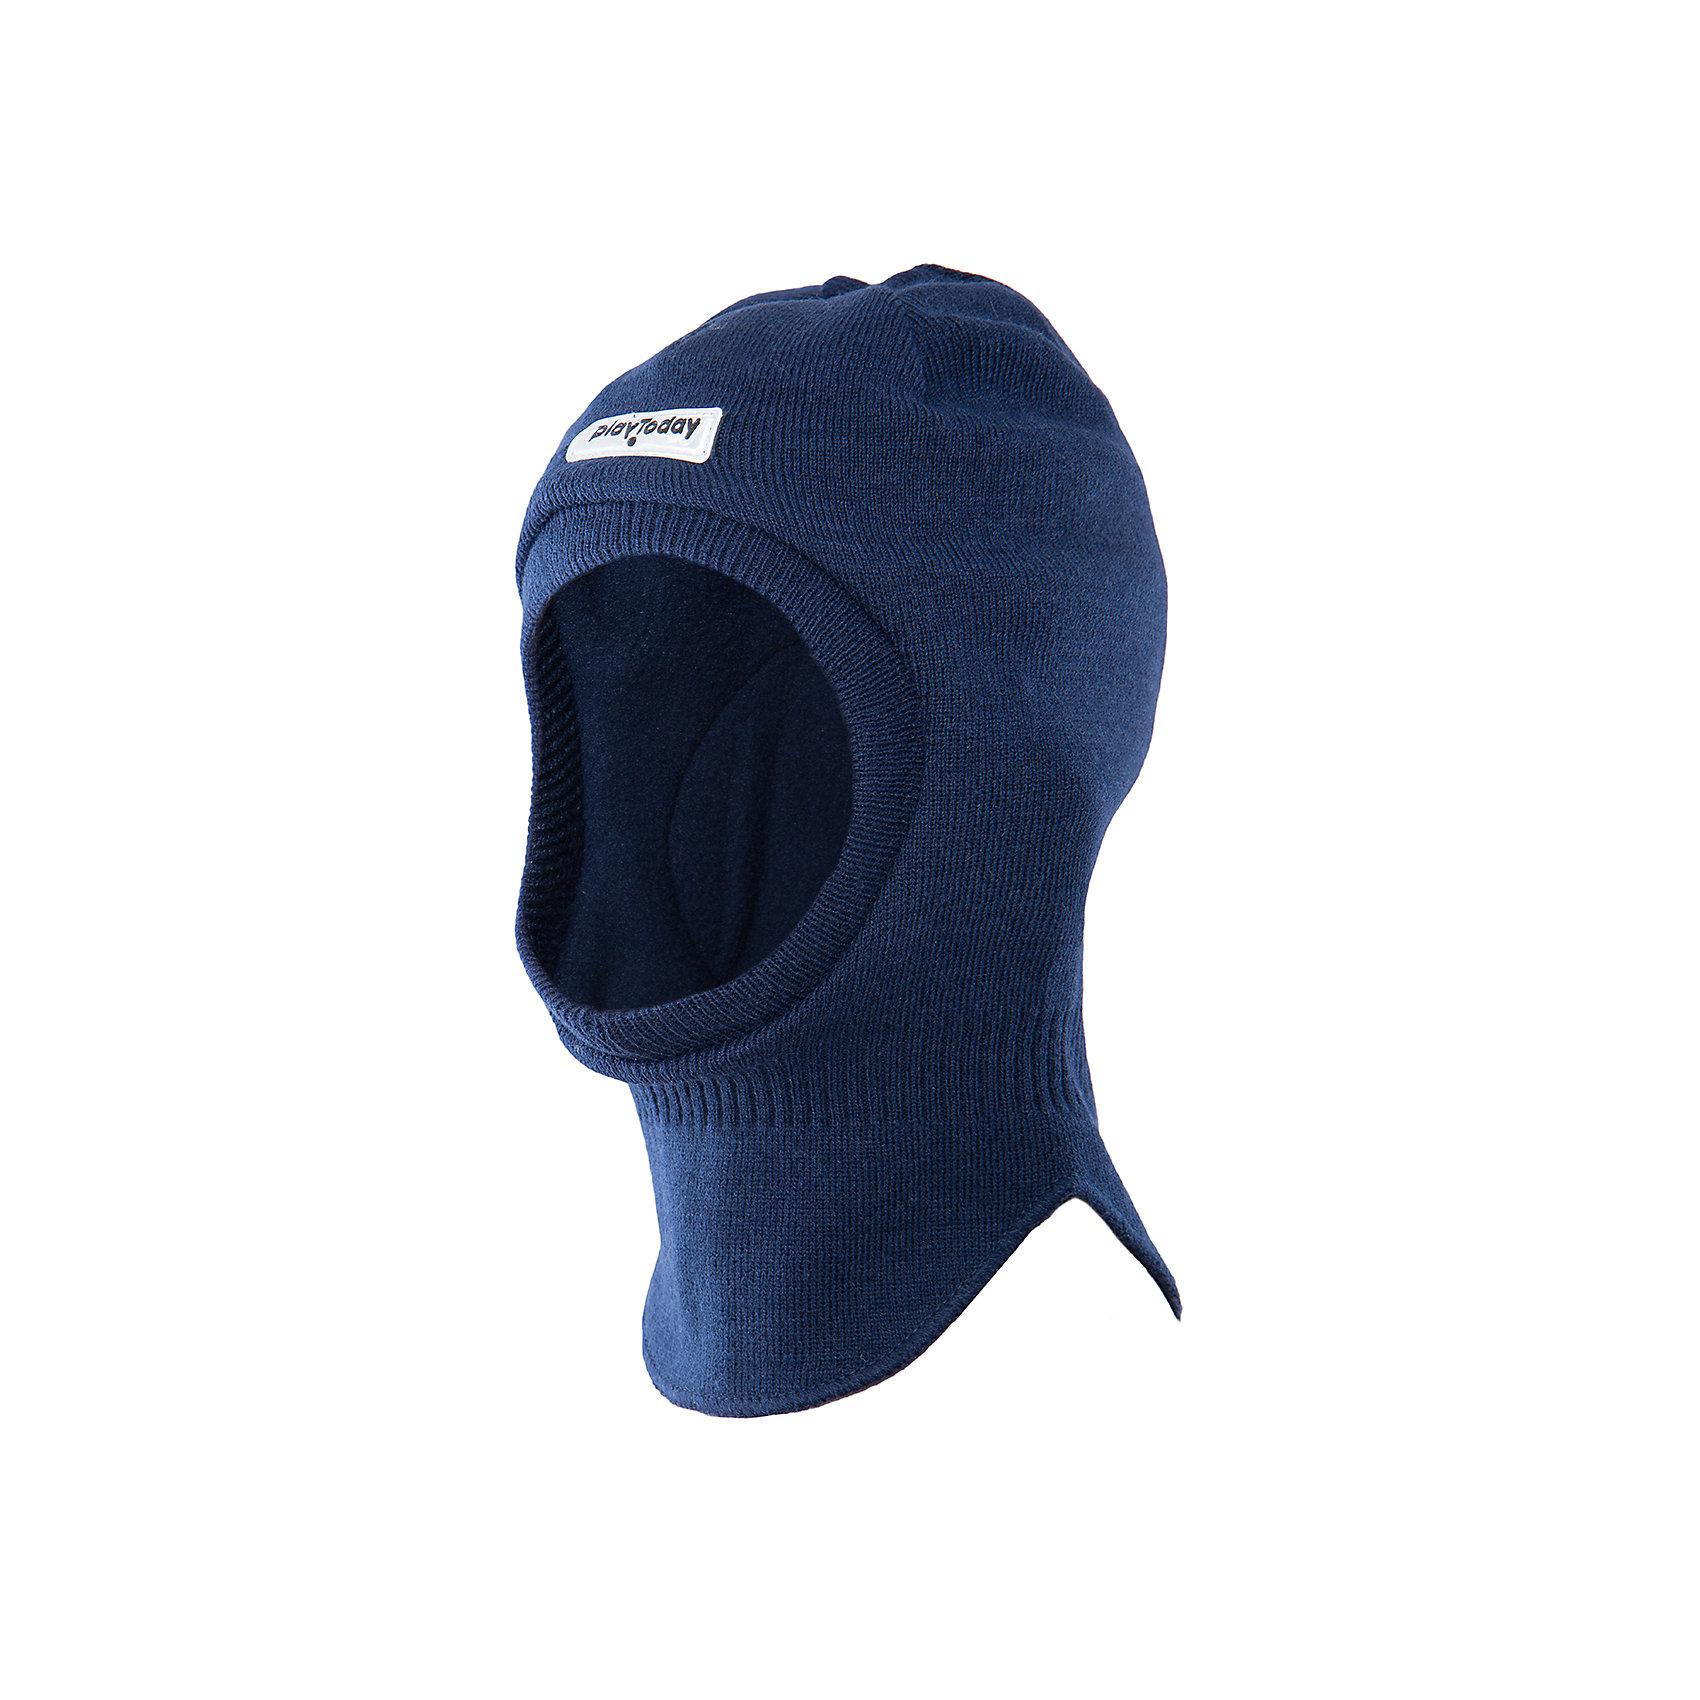 Шапка для мальчика PlayTodayШапка для мальчика от известного бренда PlayToday.<br>Теплая шапка-шлем из вязаного трикотажа надежно защитит ребенка от ветра.<br>Состав:<br>Верх: 100% акрил,  подкладка: 100% полиэстер, наполнитель: 100% полиэстер<br><br>Ширина мм: 89<br>Глубина мм: 117<br>Высота мм: 44<br>Вес г: 155<br>Цвет: синий<br>Возраст от месяцев: 24<br>Возраст до месяцев: 36<br>Пол: Мужской<br>Возраст: Детский<br>Размер: 50,52,54<br>SKU: 4898297